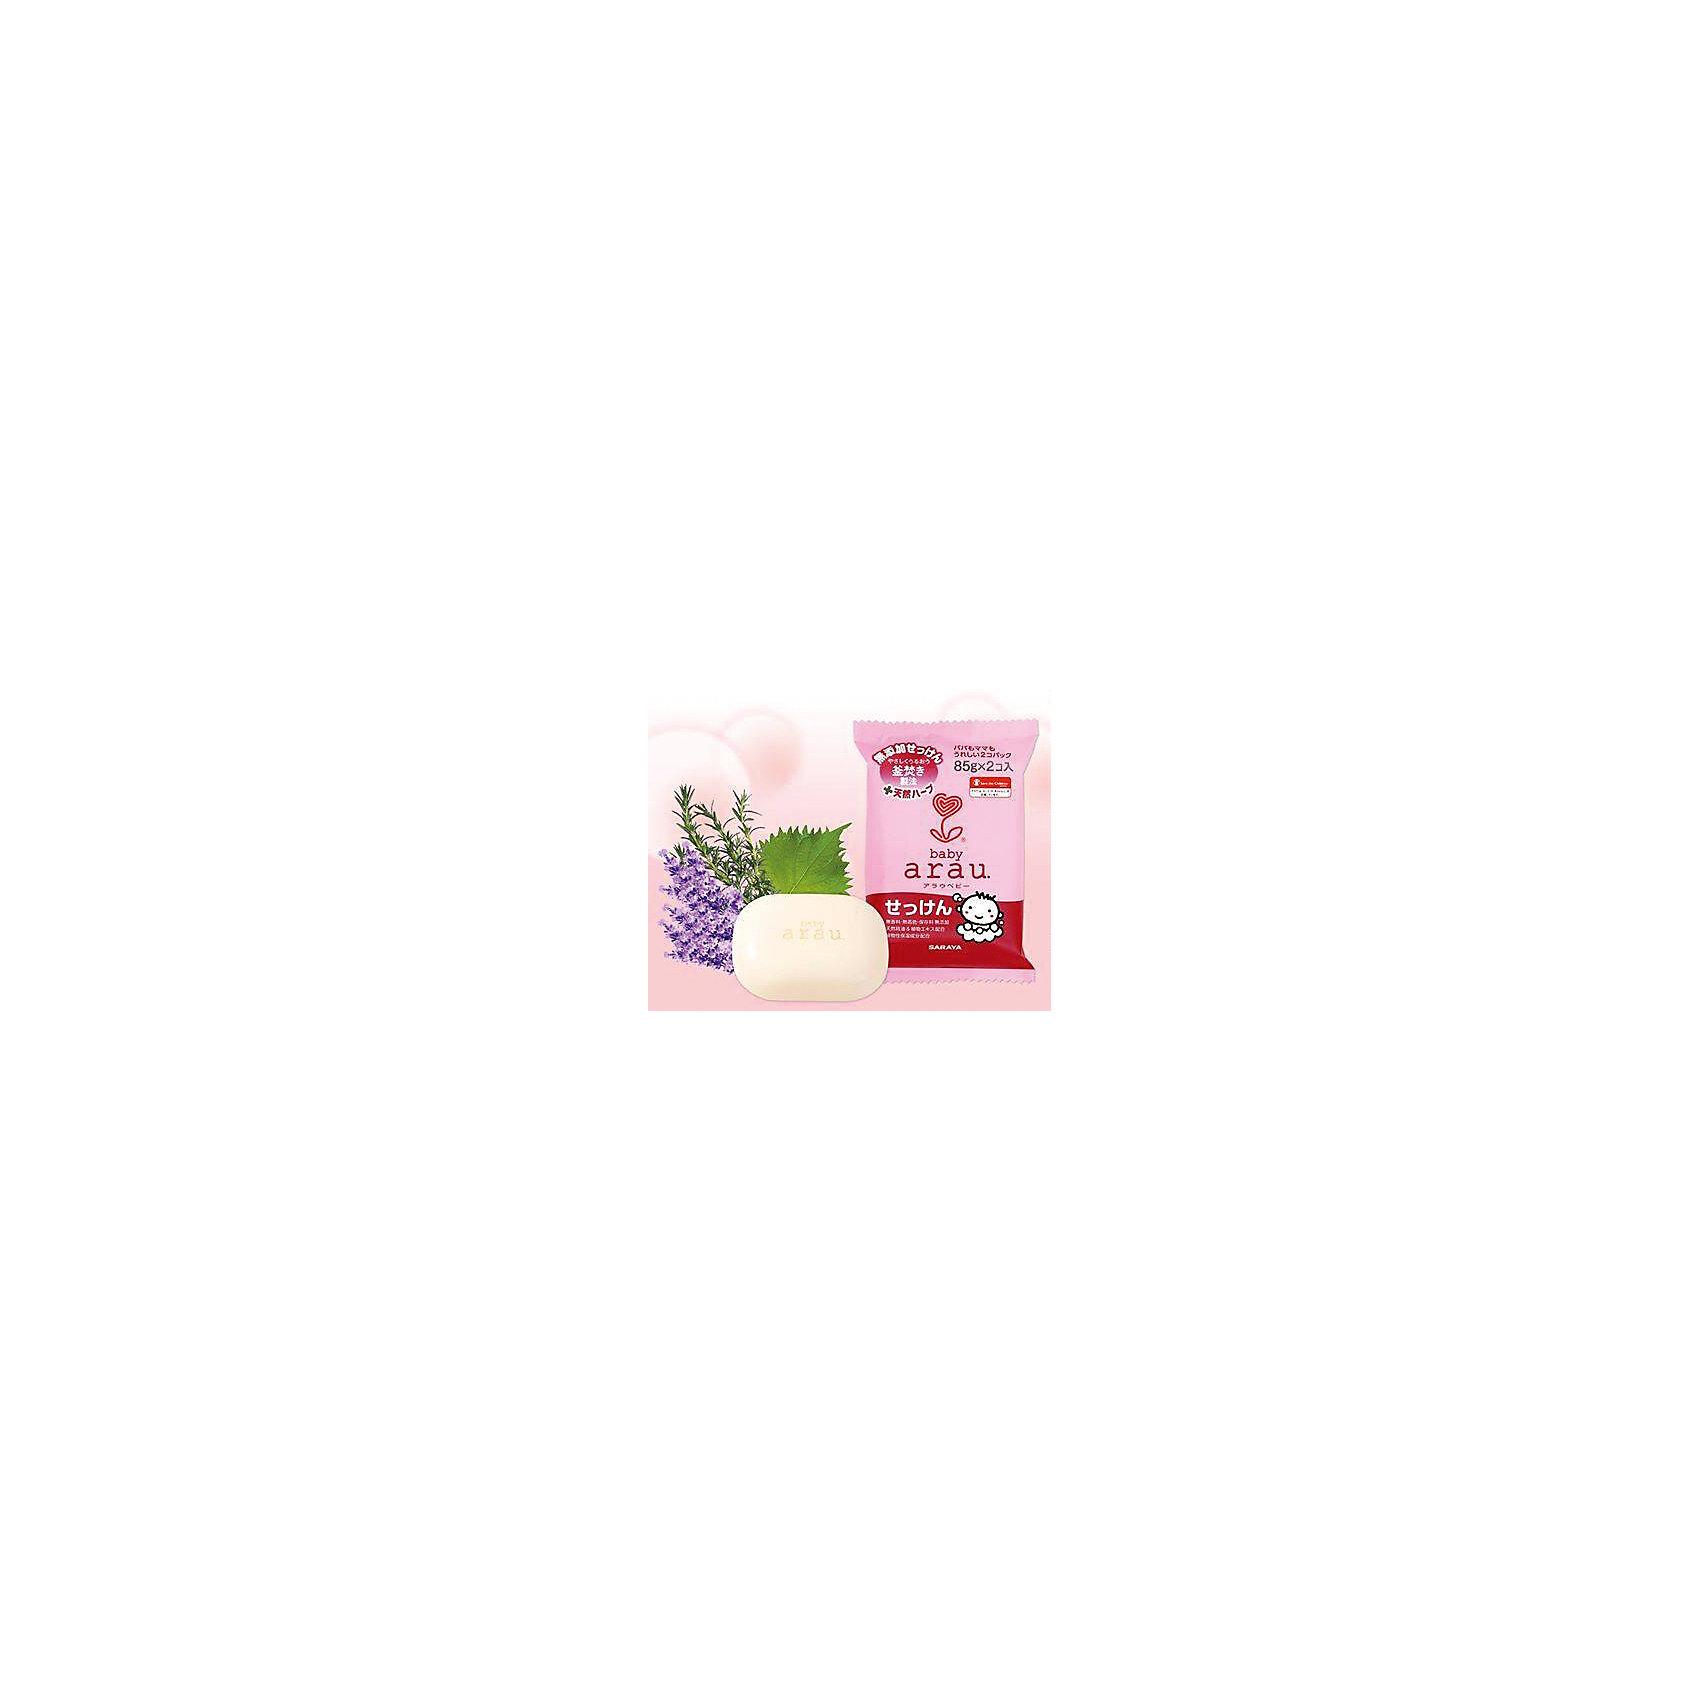 Мыло туалетное для малышей Arau Baby, 85г. , sarayaКупание малыша<br>Мыло туалетное для малышей Arau Baby, 85г. , Saraya<br><br>Характеристики:<br><br>- в набор входит: два кусочка мыла<br>- вес: 170 гр.<br>- состав: натуральная мыльная основа, вода, масло Ши, сквалан, эфирное масло лаванды, экстракт розмарина и листьев периллы, глицерин, бутиленгликоль, токоферол (витамин Е), хлорид натрия.<br>- Страна производитель: Япония<br><br>Выполненное в традиционном стиле мыло включает в себя простые и натуральные травы и ингридиенты. Обильная мыльная пена идеально подходит для ежедневного очищения лица, рук и всего тела.Мыло безопасно и деликатно для мытья ребёнка. Мыло для детей из линии по уходу за телом от японского бренда Аrau Baby (Арау Бейби) поможет добиться самого чистого, и в то же время бережного очищения. Все средства линии Аrau (Арау) оказывают бережное отношение к окружающей среде и разлагается не загрязняя её. <br><br>Природные компоненты состава этого мыла не провоцируют аллергию, формула мыла проверена дерматологами и не провоцирует раздражение. В состав входят натуральное масло лаванды, придающее мылу легкий и ненавязчивый запах, прочие ненатуральные ароматизаторы в формулу мыла не входят. Эффекты экстрактов и масел обеспечивают комплексное очищение кожи и легкое осветление. <br><br>В состав мыла не входят красители. Благодаря экстрактам из состава мыло обладает противовоспалительным и антибактериальным эффектом. Вы полюбите мыться вместе с Аrau Baby (Арау Бейби)!<br><br>Мыло туалетное для малышей Arau Baby, 85г. , Saraya можно купить в нашем интернет-магазине.<br><br>Ширина мм: 480<br>Глубина мм: 245<br>Высота мм: 110<br>Вес г: 85<br>Возраст от месяцев: 0<br>Возраст до месяцев: 36<br>Пол: Унисекс<br>Возраст: Детский<br>SKU: 5397365